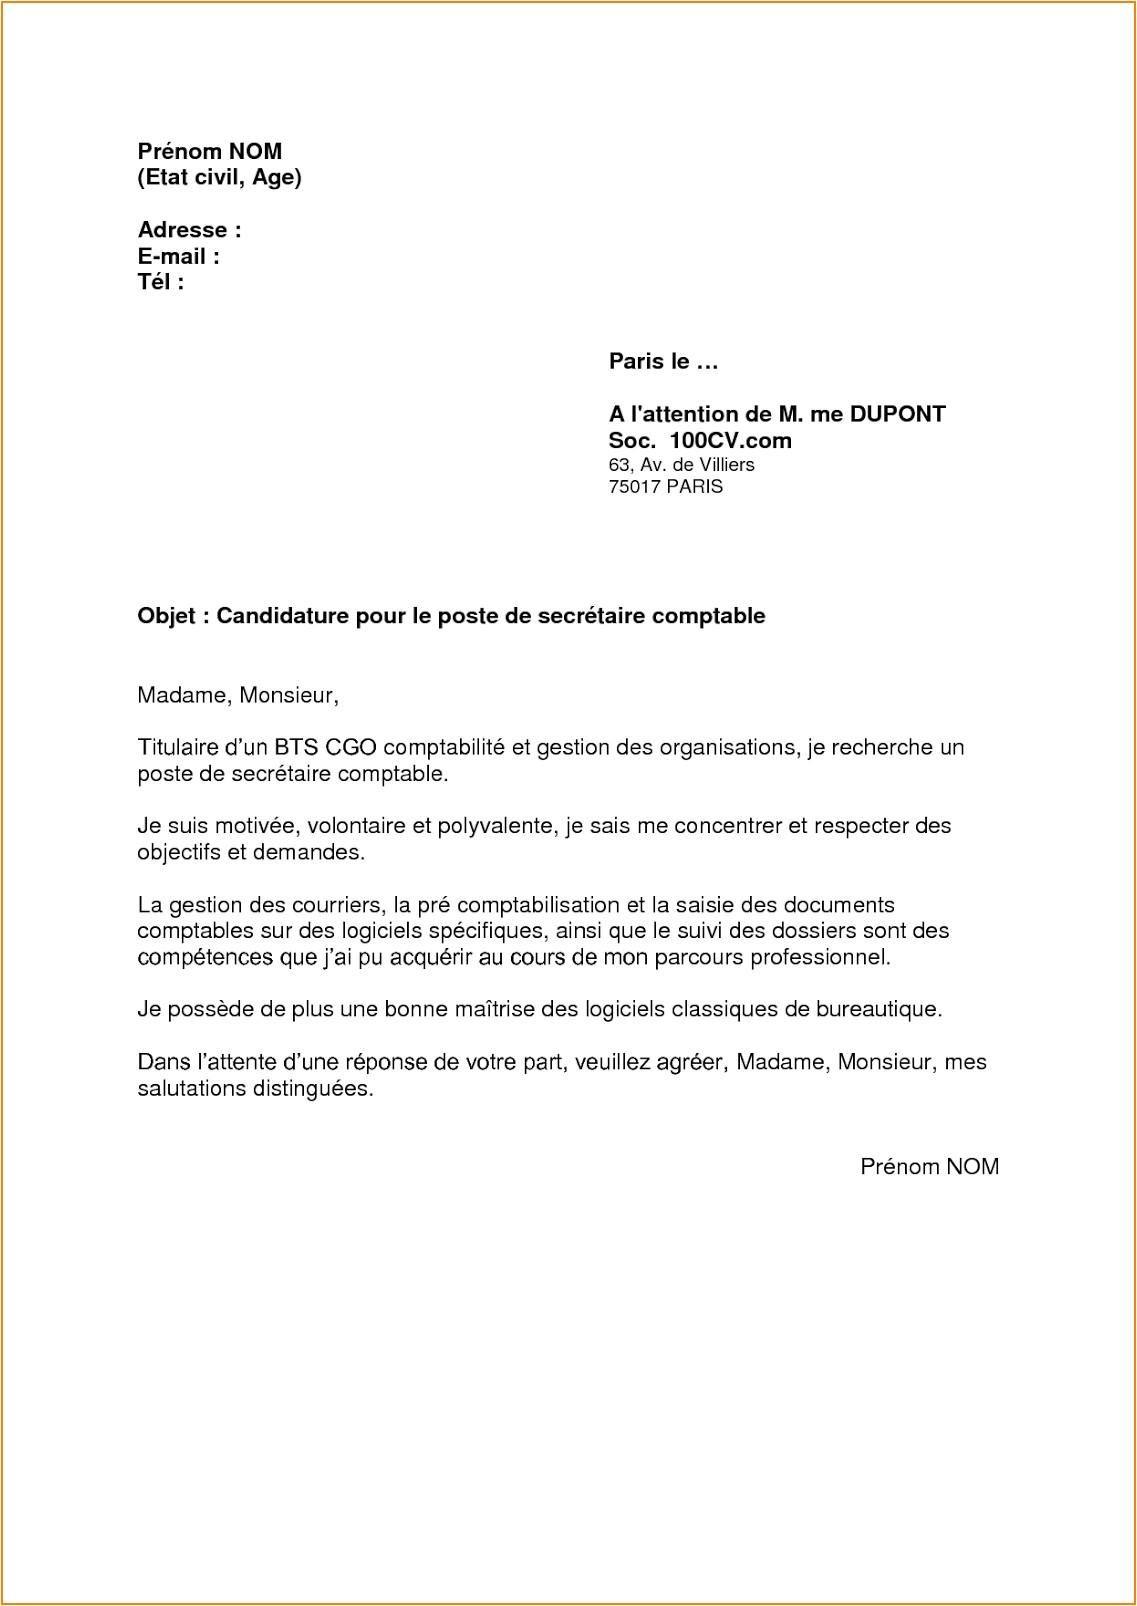 Lettre De Motivation Agent De Service Hospitalier Debutant Paperblog Motivation Pour Un Poste Lettre De Motivation Stage Lettre De Motivation